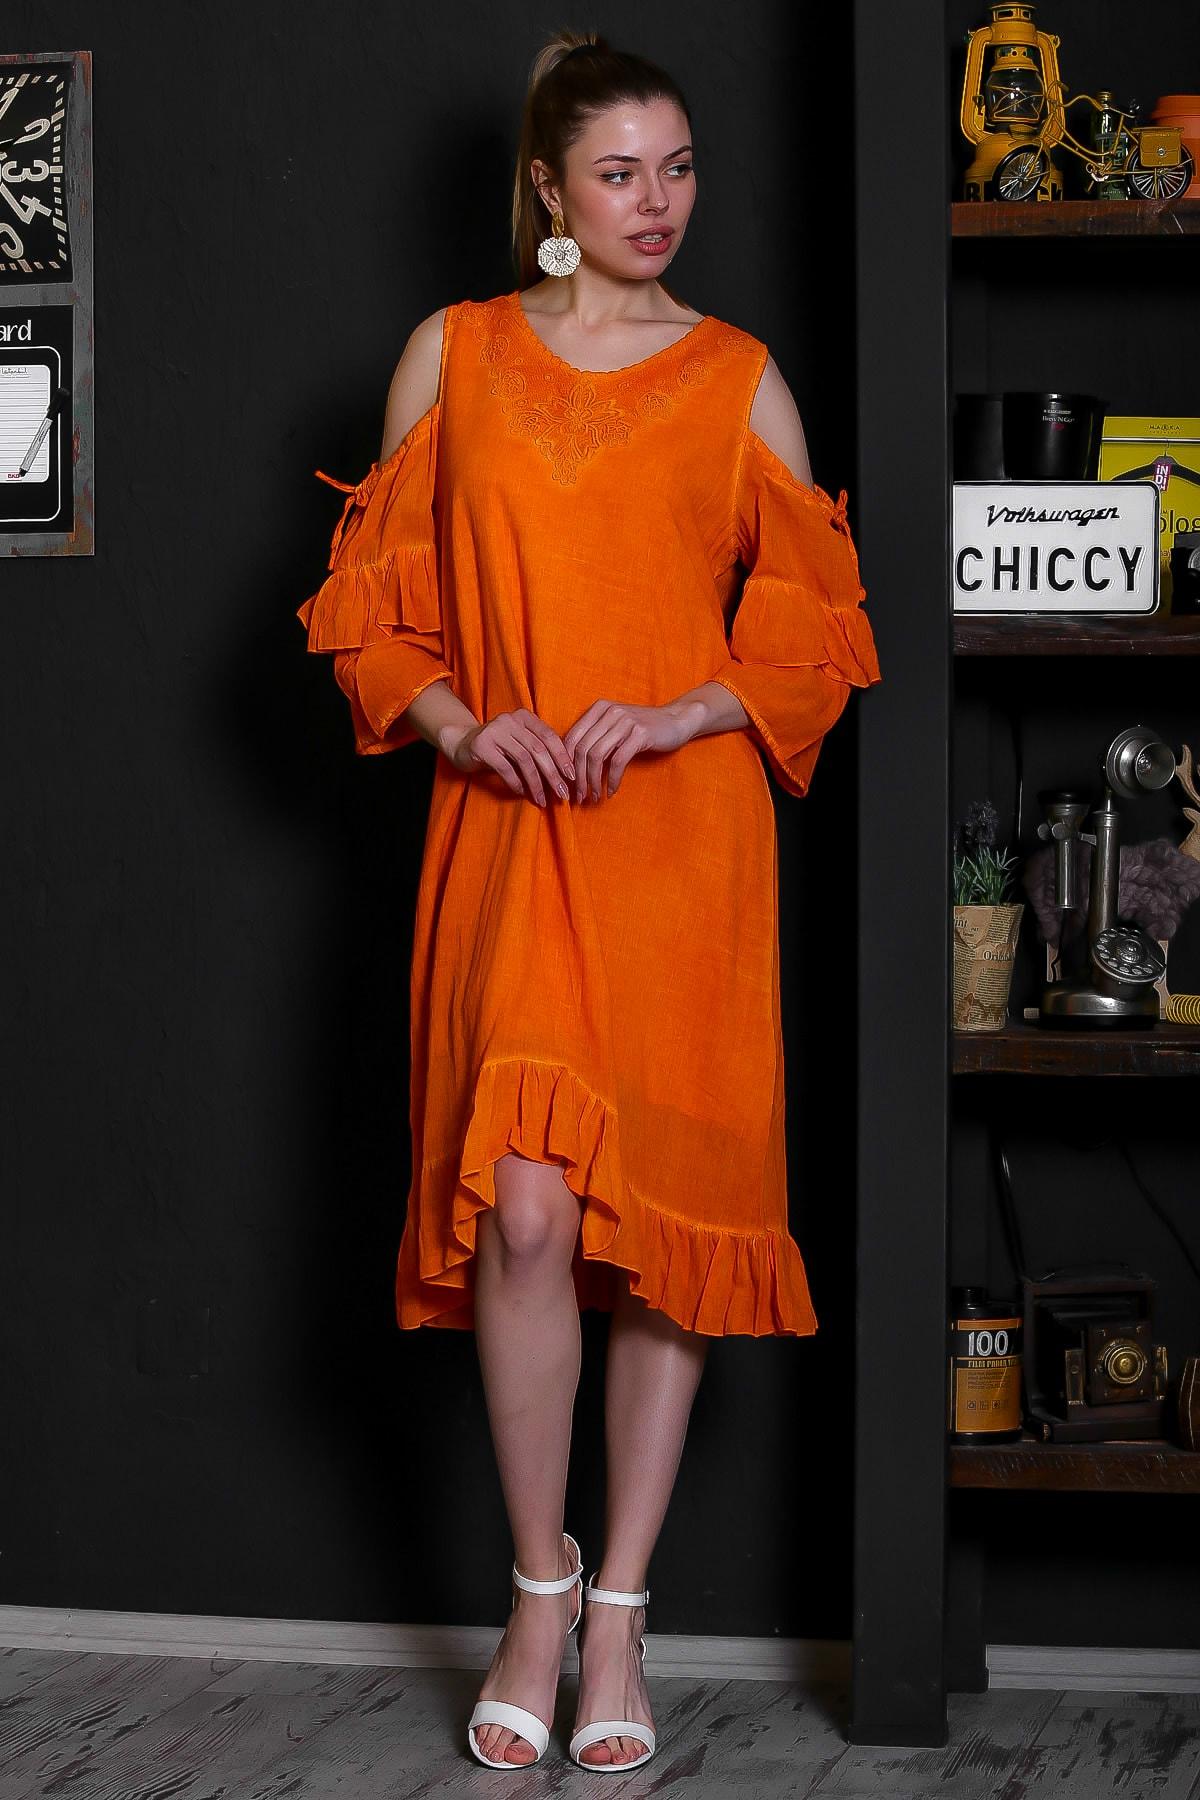 Chiccy Kadın Turuncu Dantel Yakalı Omuzları Pencereli Volanlı Astarlı Yıkamalı Elbise M10160000EL95361 0